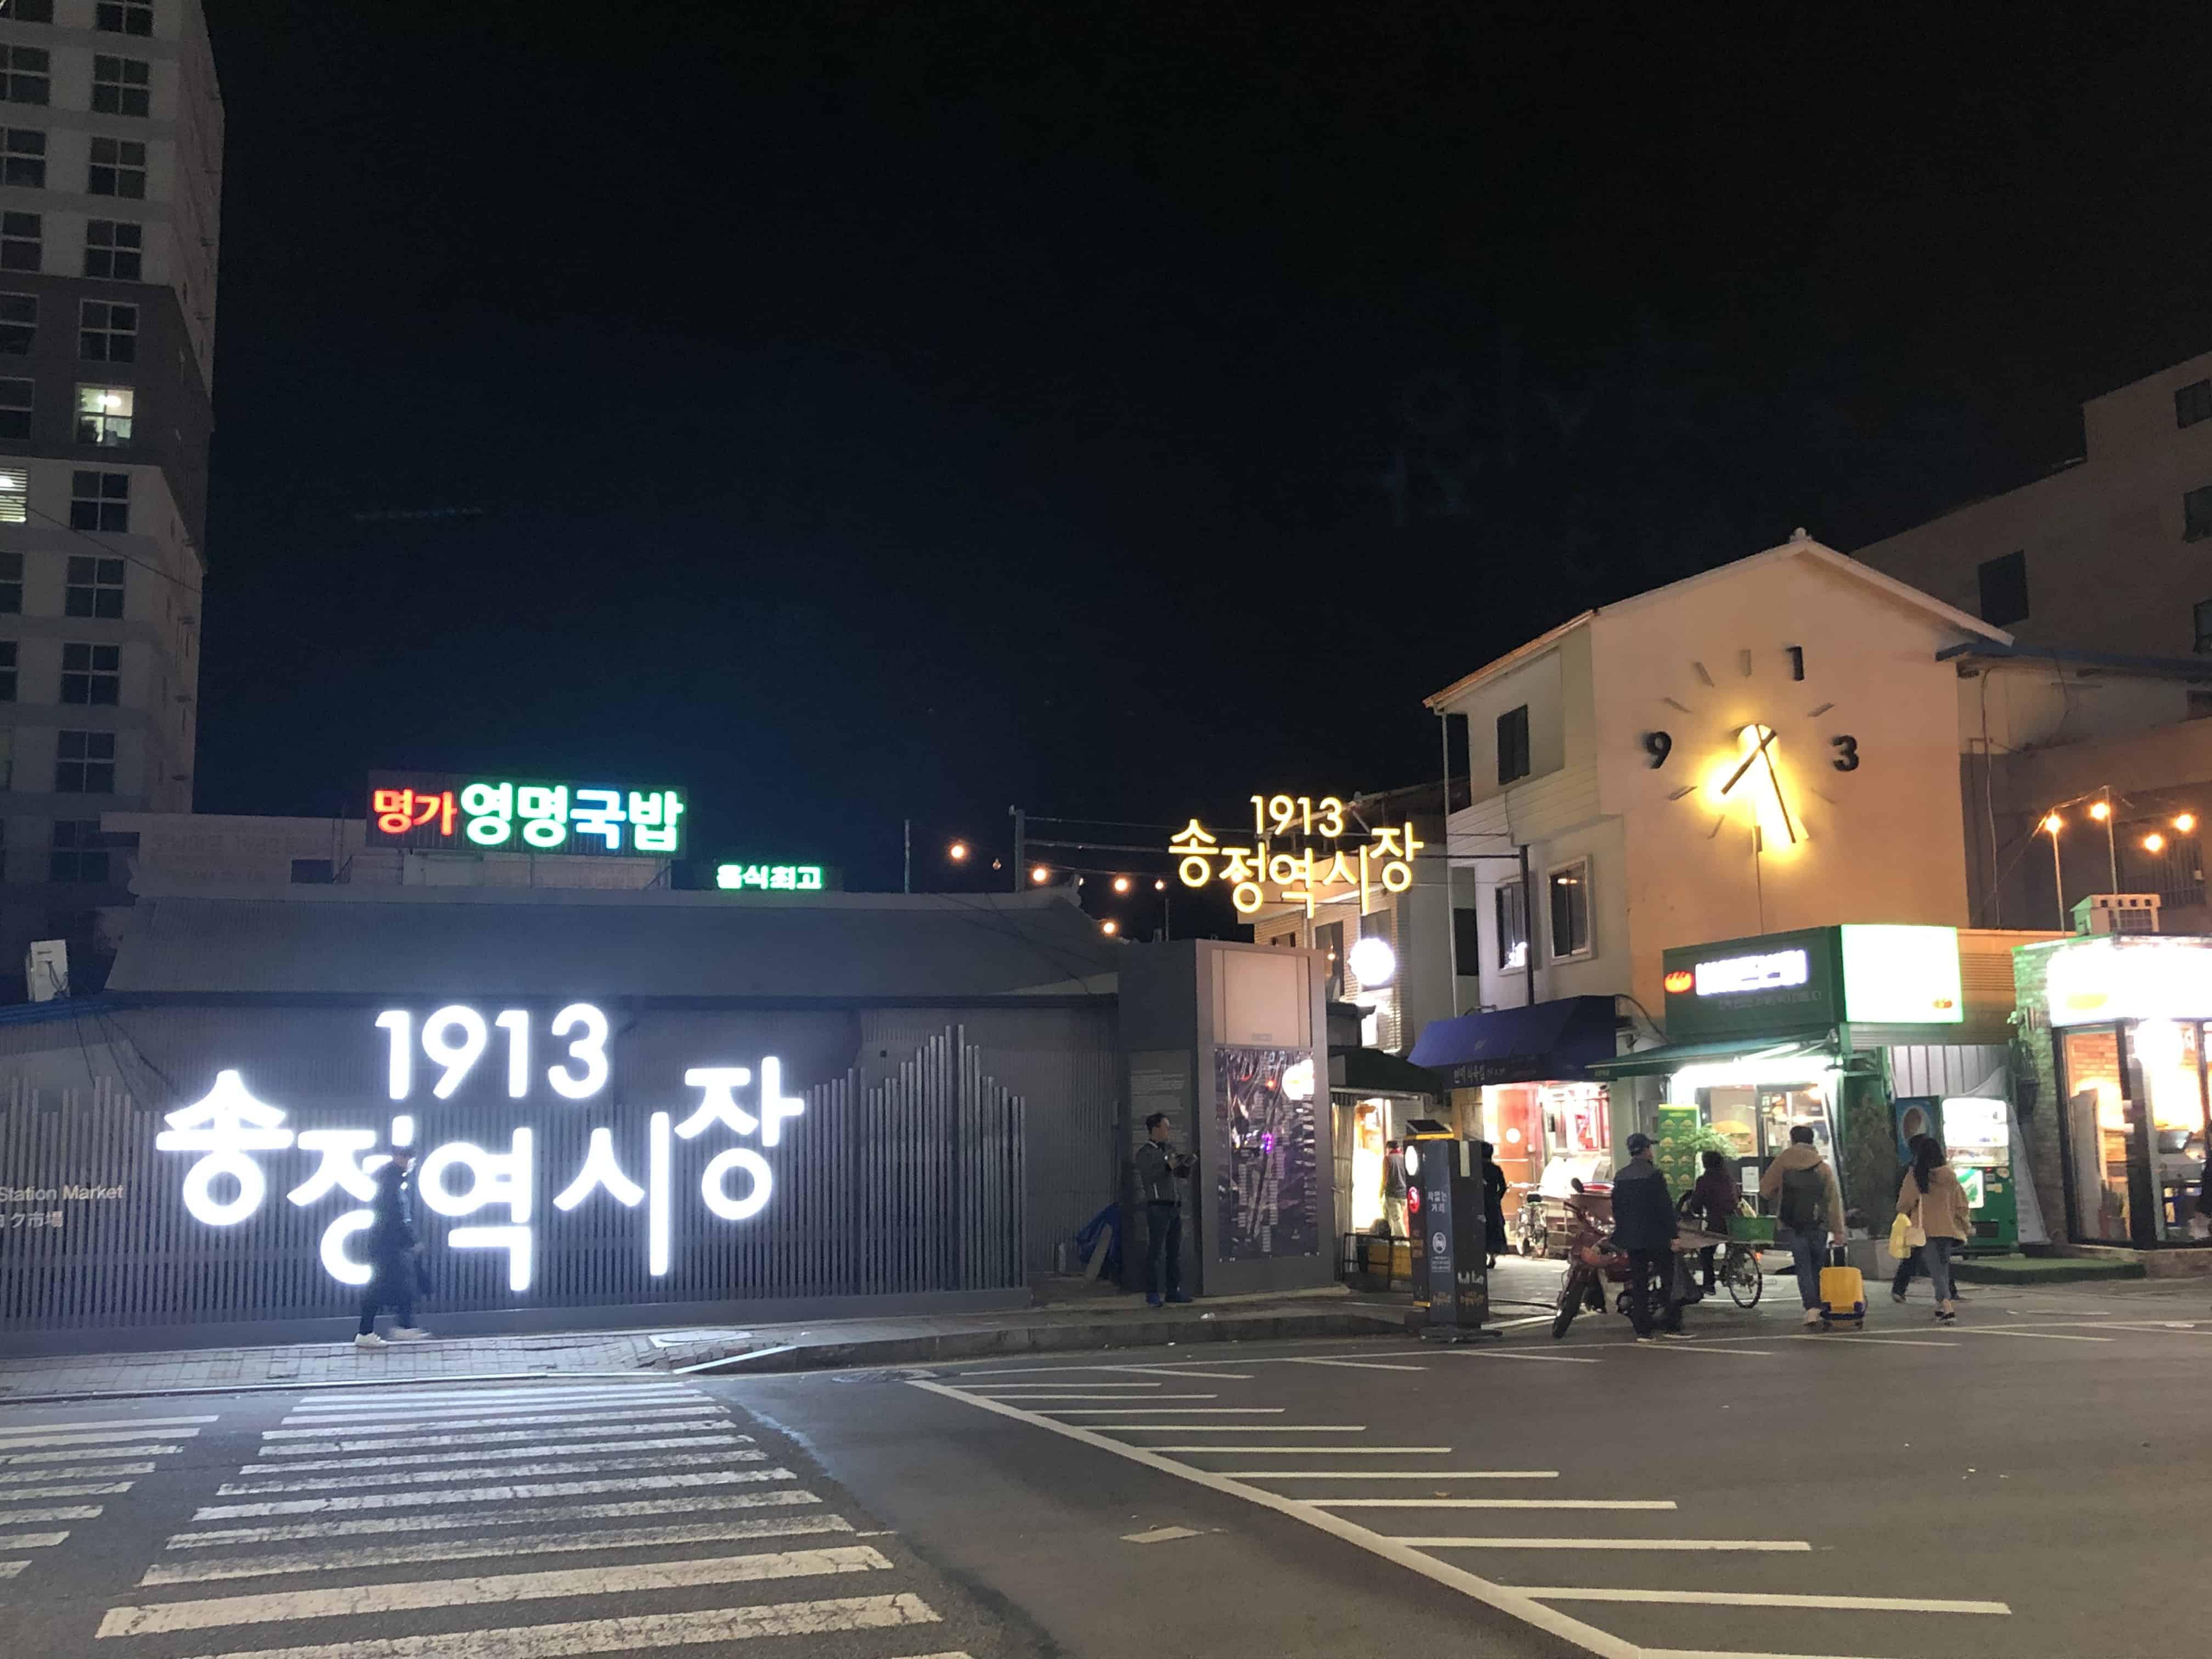 韓國自由行2020光州景點潮遊篇最新年輕打咭文青熱點:全南大學龍鳳校區、文化殿堂站Smile、東明洞咖啡街